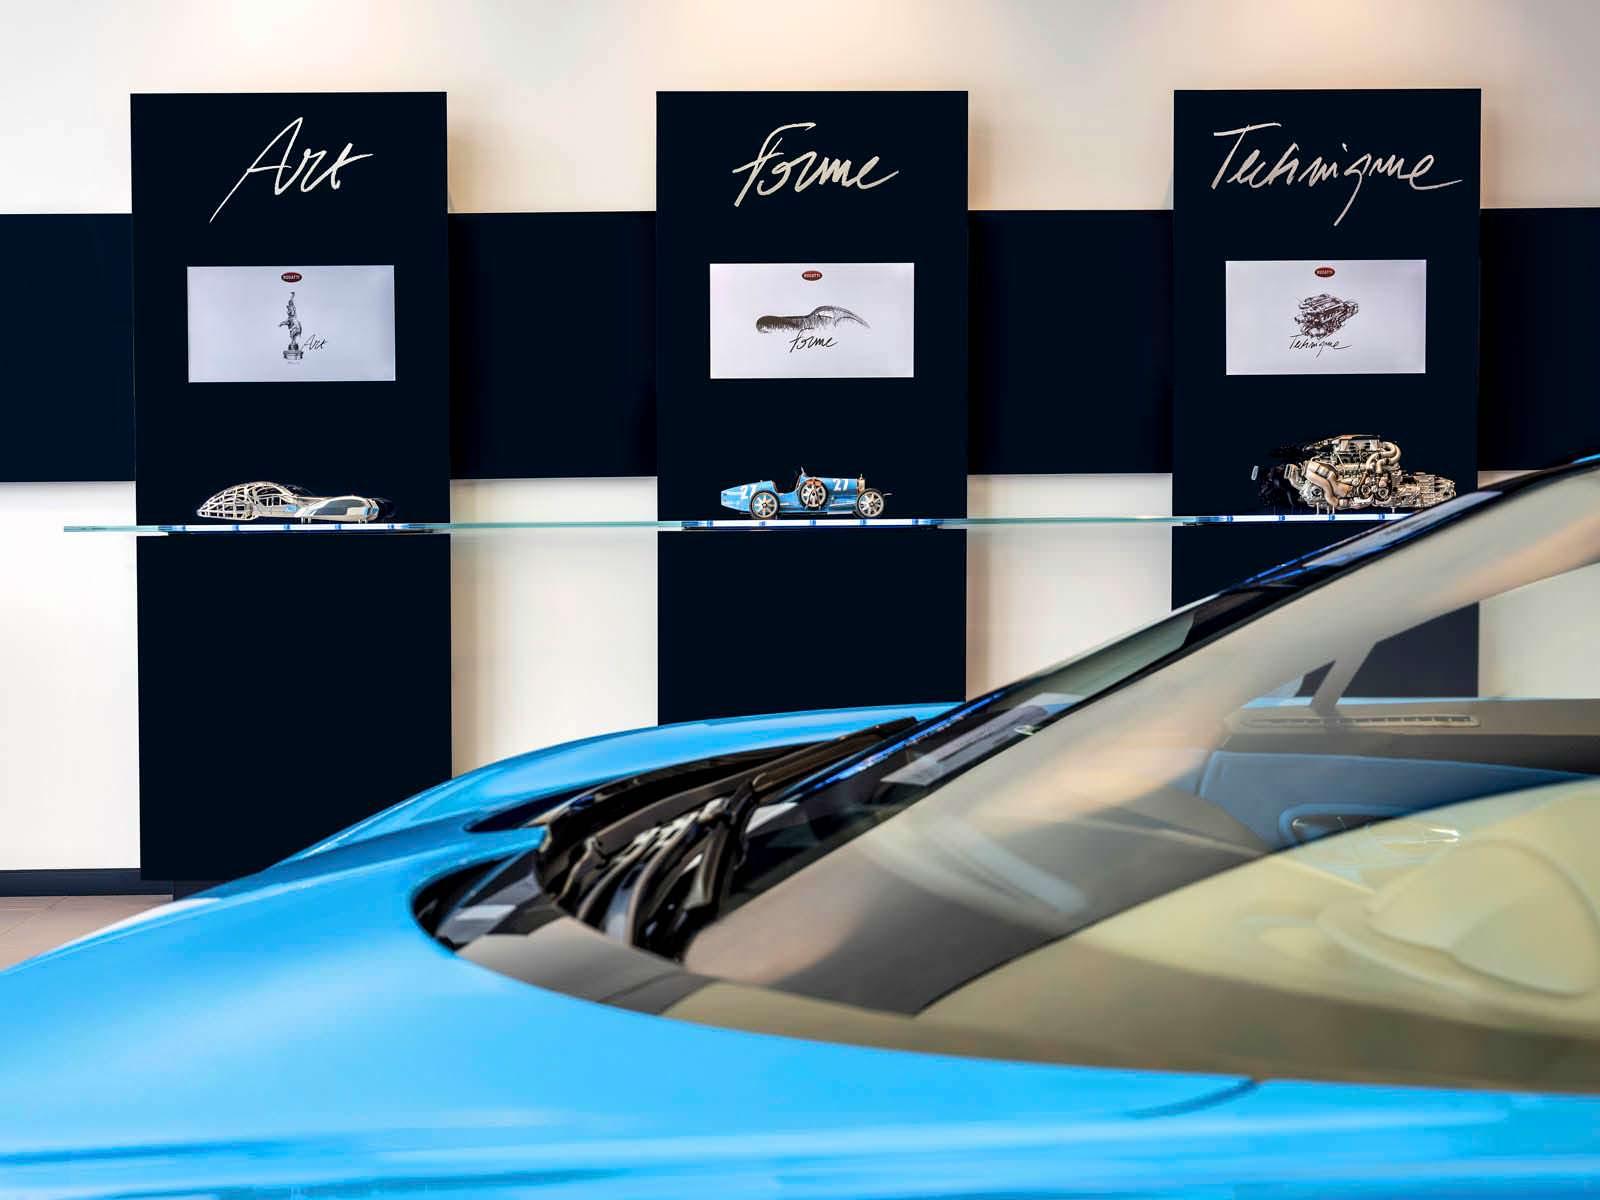 Самый большой выставочный зал Bugatti в Дубае, ОАЭ